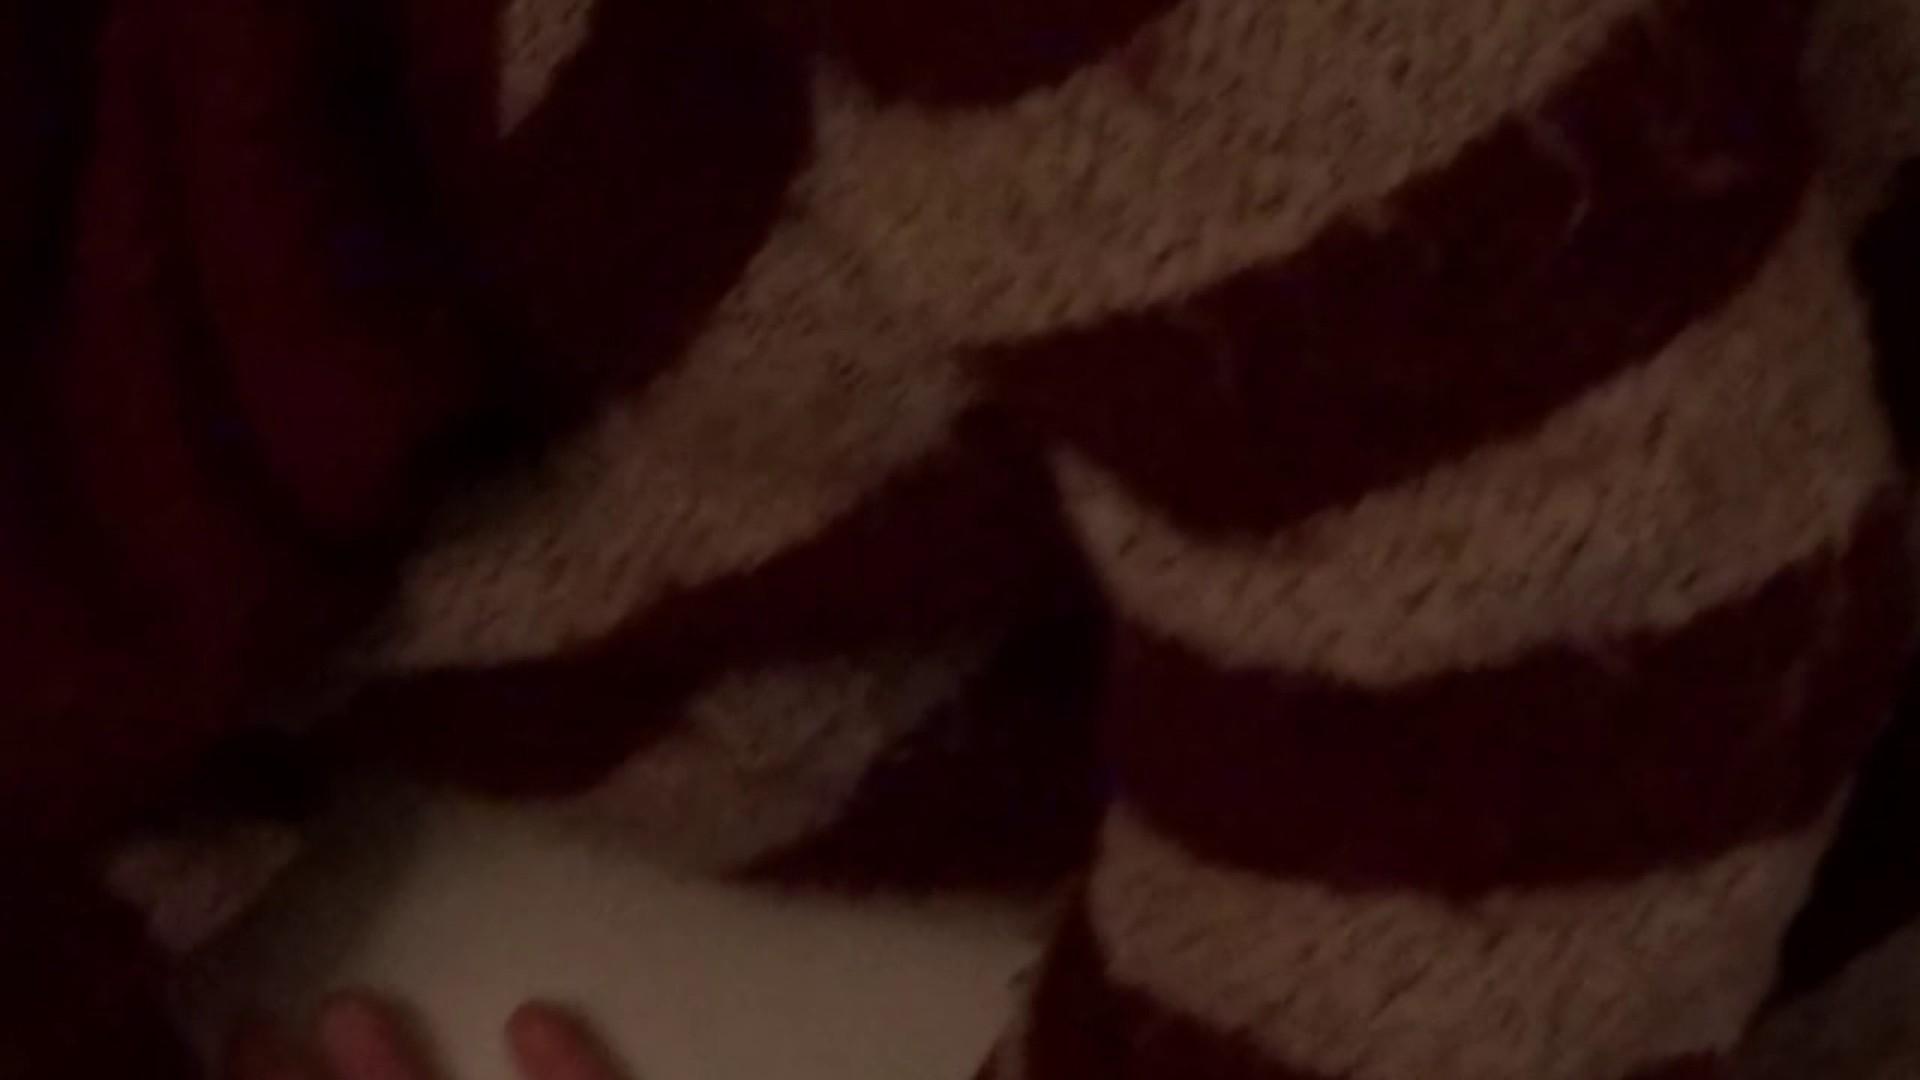 魔術師の お・も・て・な・し vol.25 19歳の巨乳ちゃんにログイン! OLの実態 覗きスケベ動画紹介 82pic 2